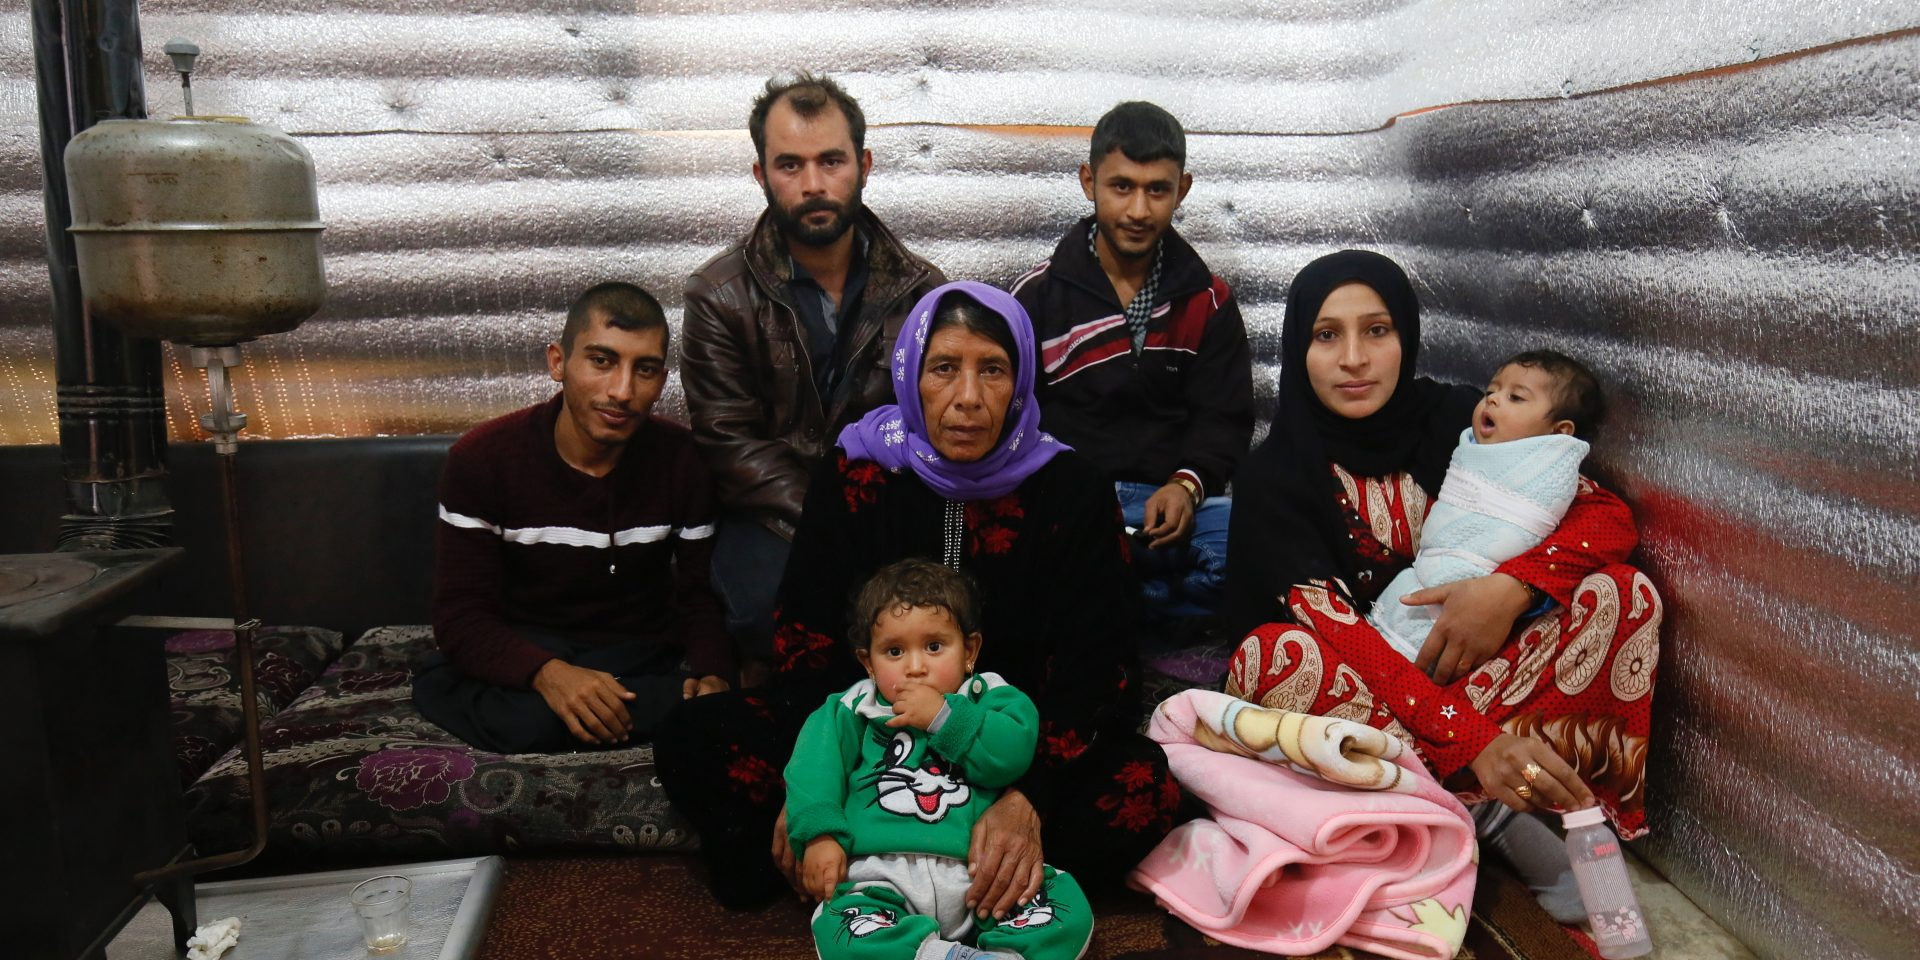 En syrisk familj i flyktinglägret Bekaa Valley i Libanon. Libanon vill skicka tillbaka de syriska flyktingar som kommit till landet.